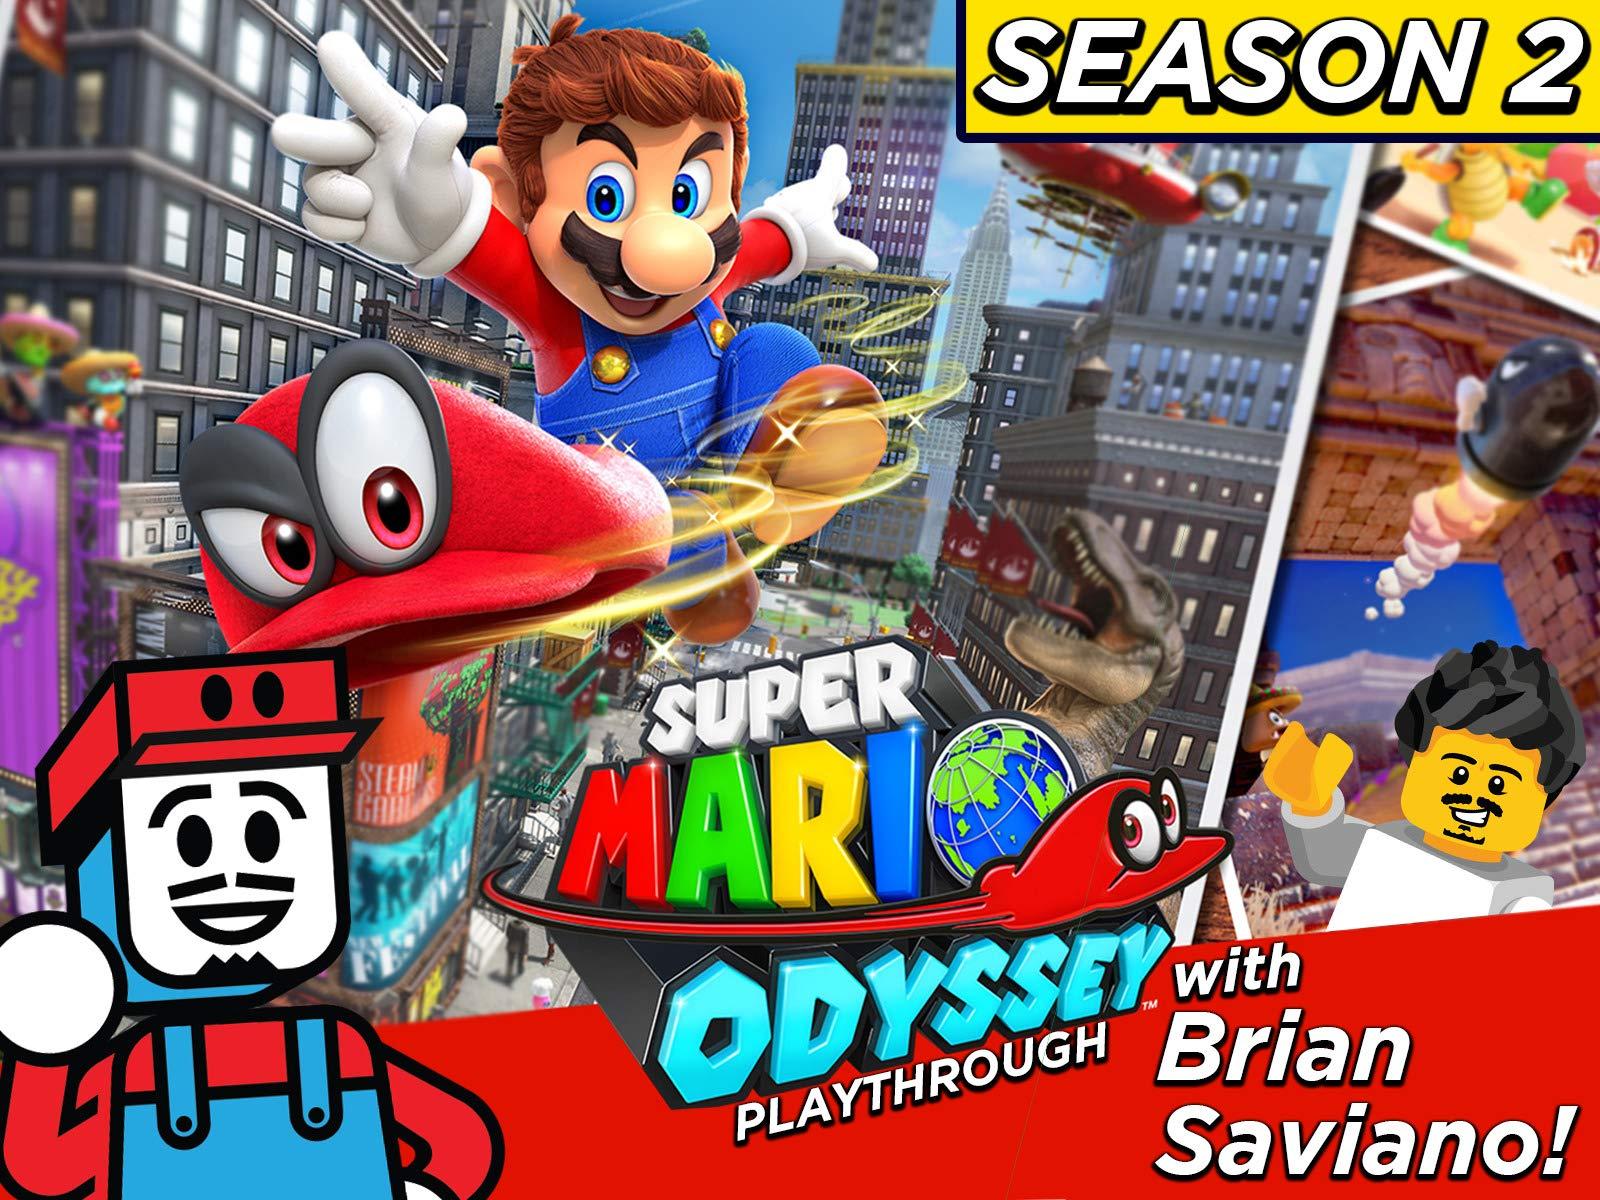 Clip: Super Mario Odyssey Playthrough with Brian Saviano! - Season 2